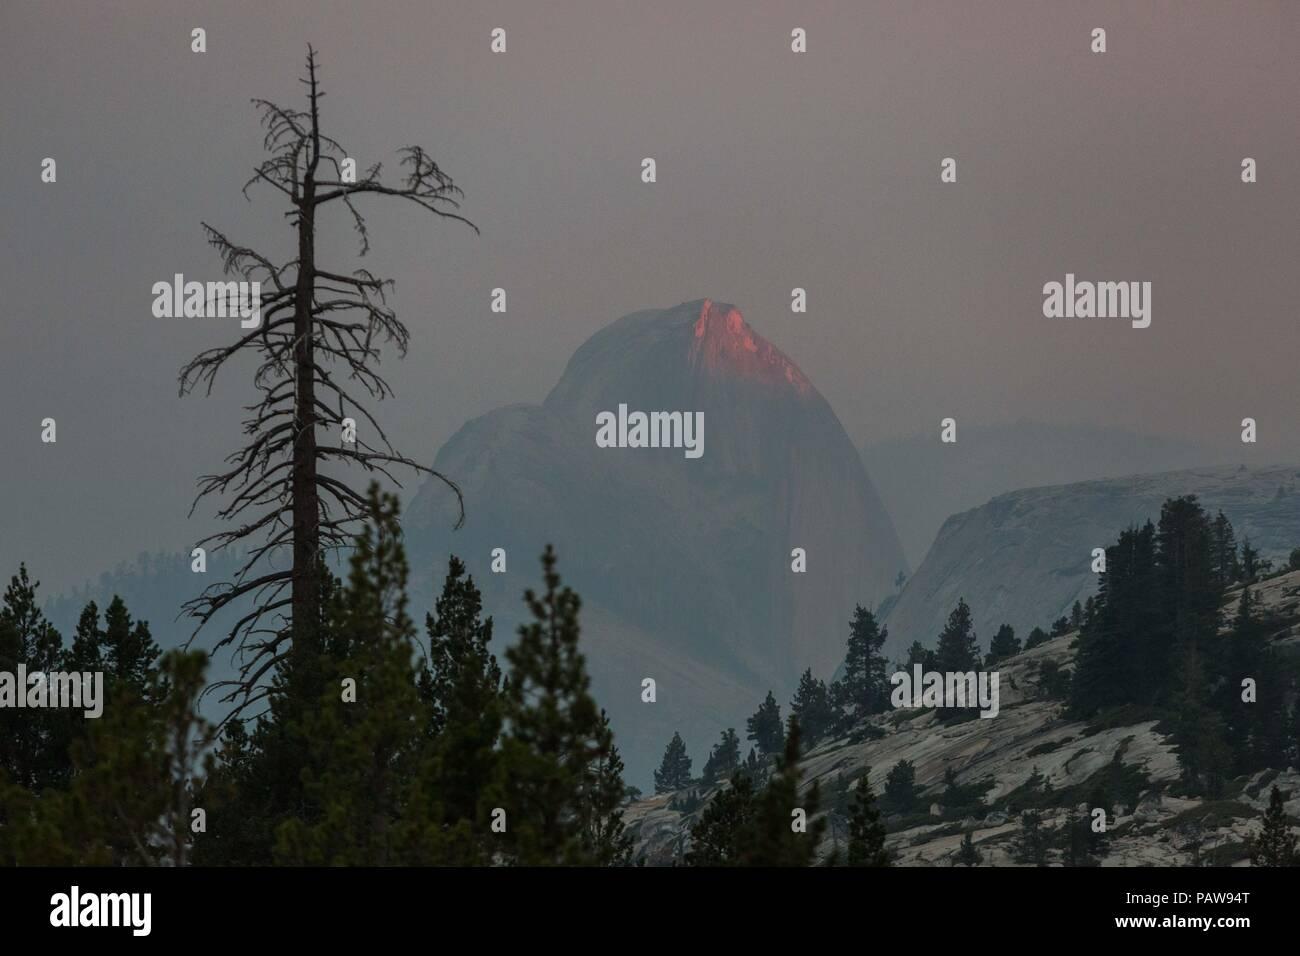 Yosemite National Park, California, USA. 24 juillet, 2018. Le Mardi, Juillet 24, 2018.Un peu de la lumière du soleil est réfléchie sur Yosemite National Park; la fameuse fonction granit, demi-dôme, vu de l'Olmsted vista Point Lookout. Demi Dôme est enshrouded en fumée de la Ferguson feu, brûlant près de l'entrée du parc El Portal. Credit: Tracy Barbutes/ZUMA/Alamy Fil Live News Banque D'Images